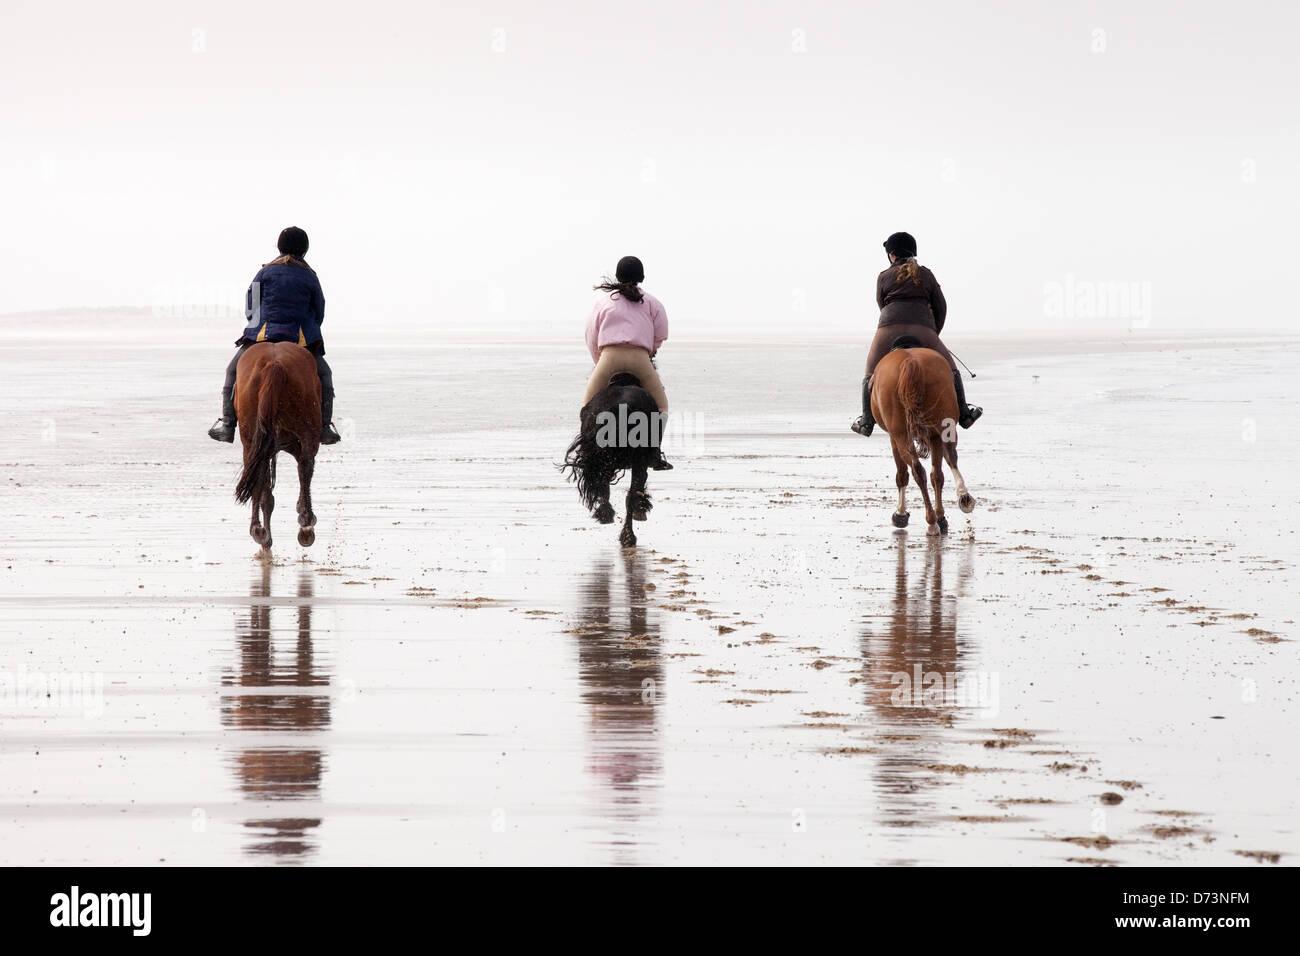 Drei Mädchen auf Pferde Reiten in der Entfernung, Holkham Beach, Norfolk, East Anglia, England UK Stockbild